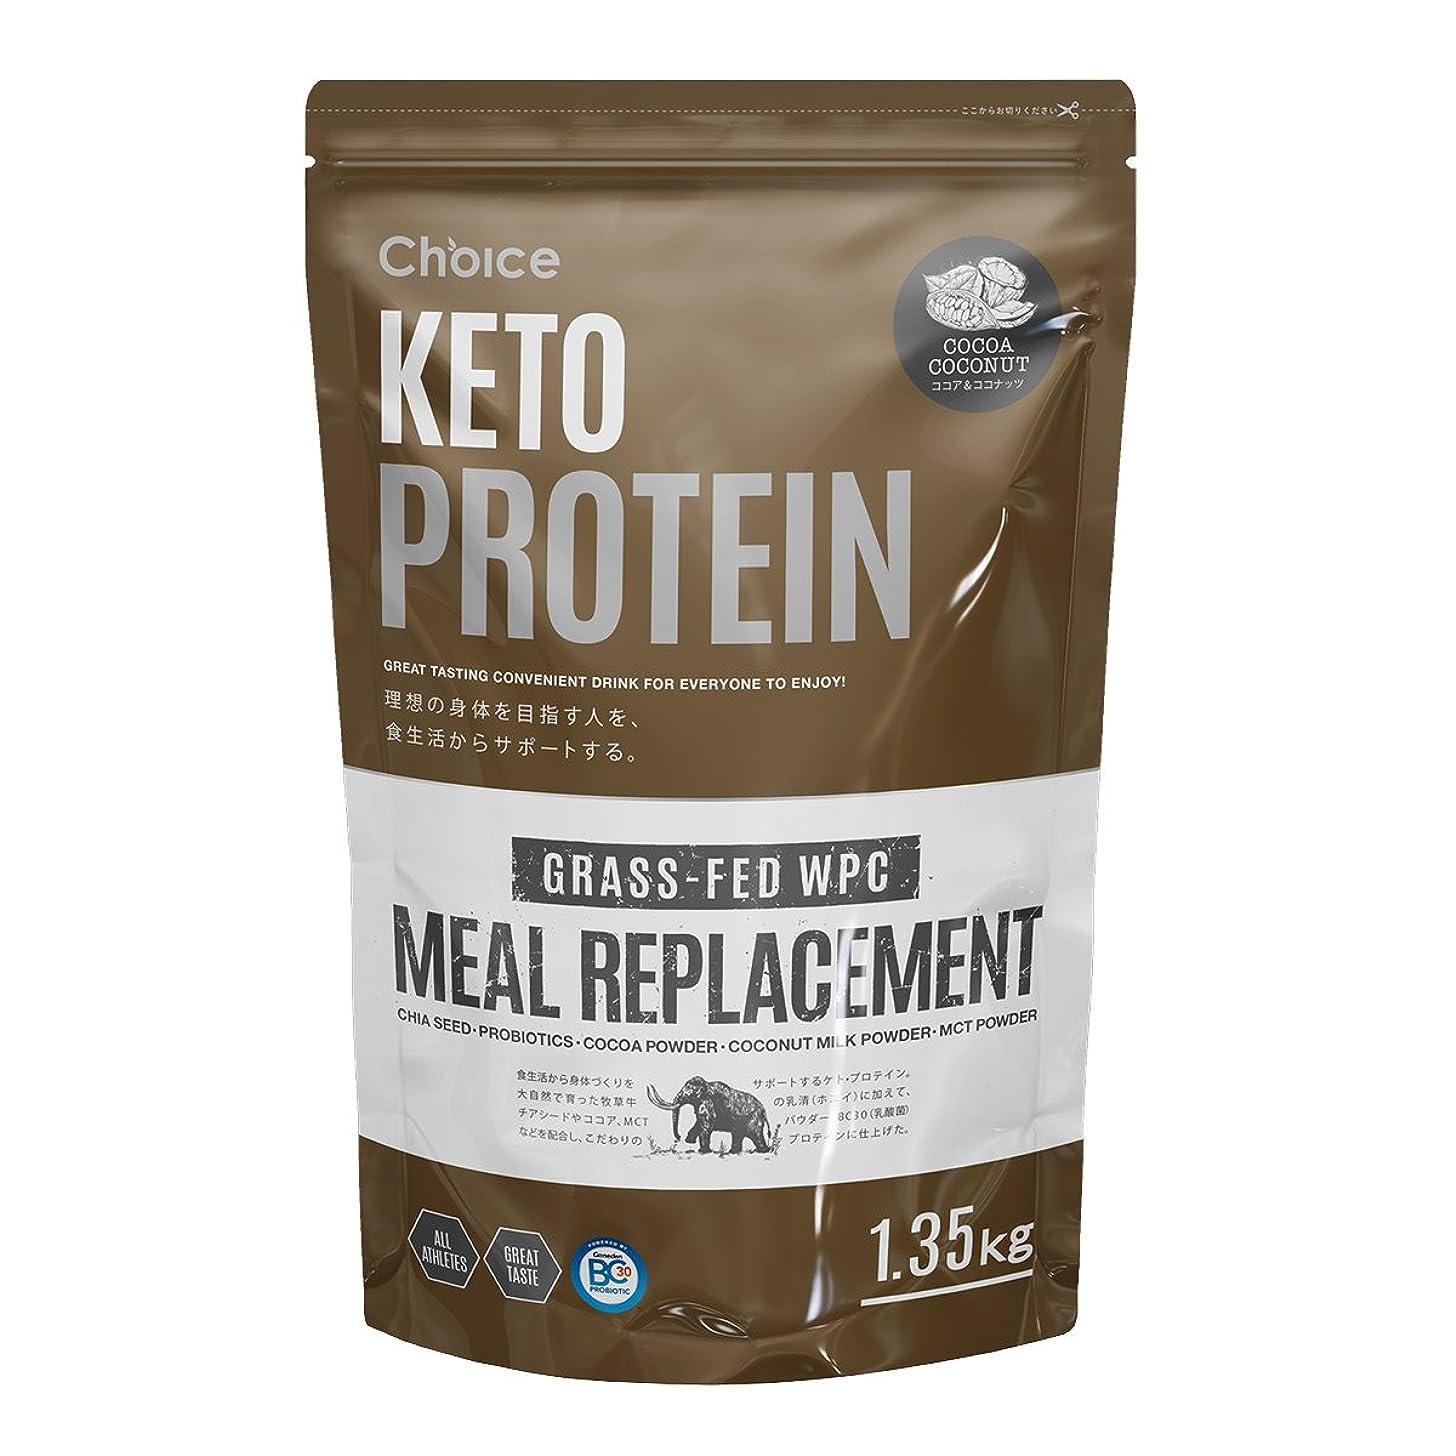 媒染剤ポーズキャンディーケトプロテイン 1350g KetoPROTEIN ケトジェニックプロテイン